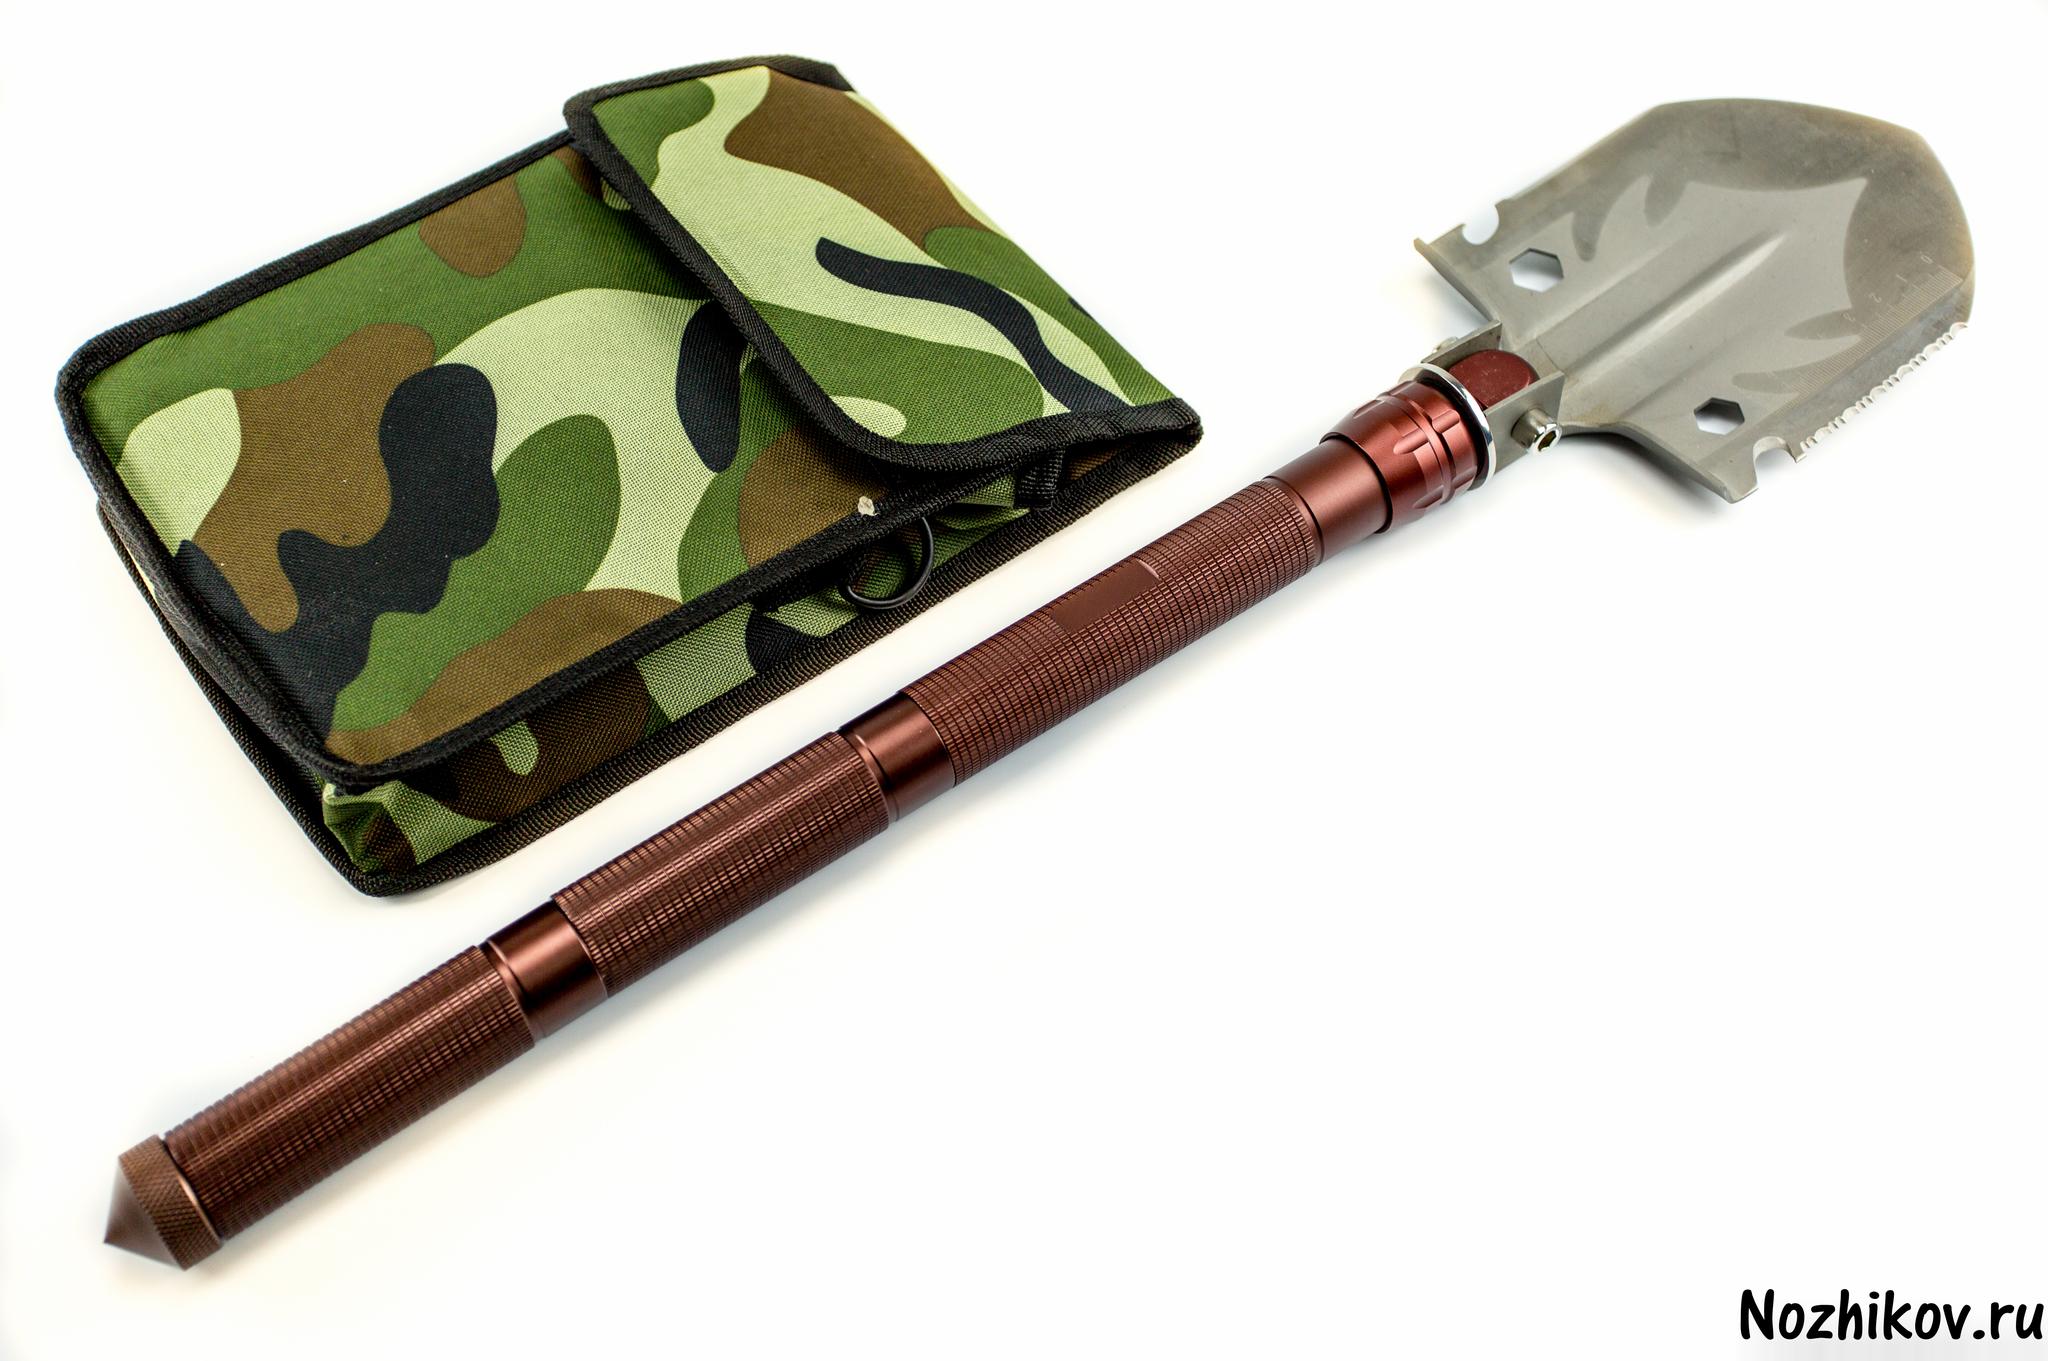 """Многофункциональная лопата Трудяга от Магазин ножей """"Ножиков"""""""